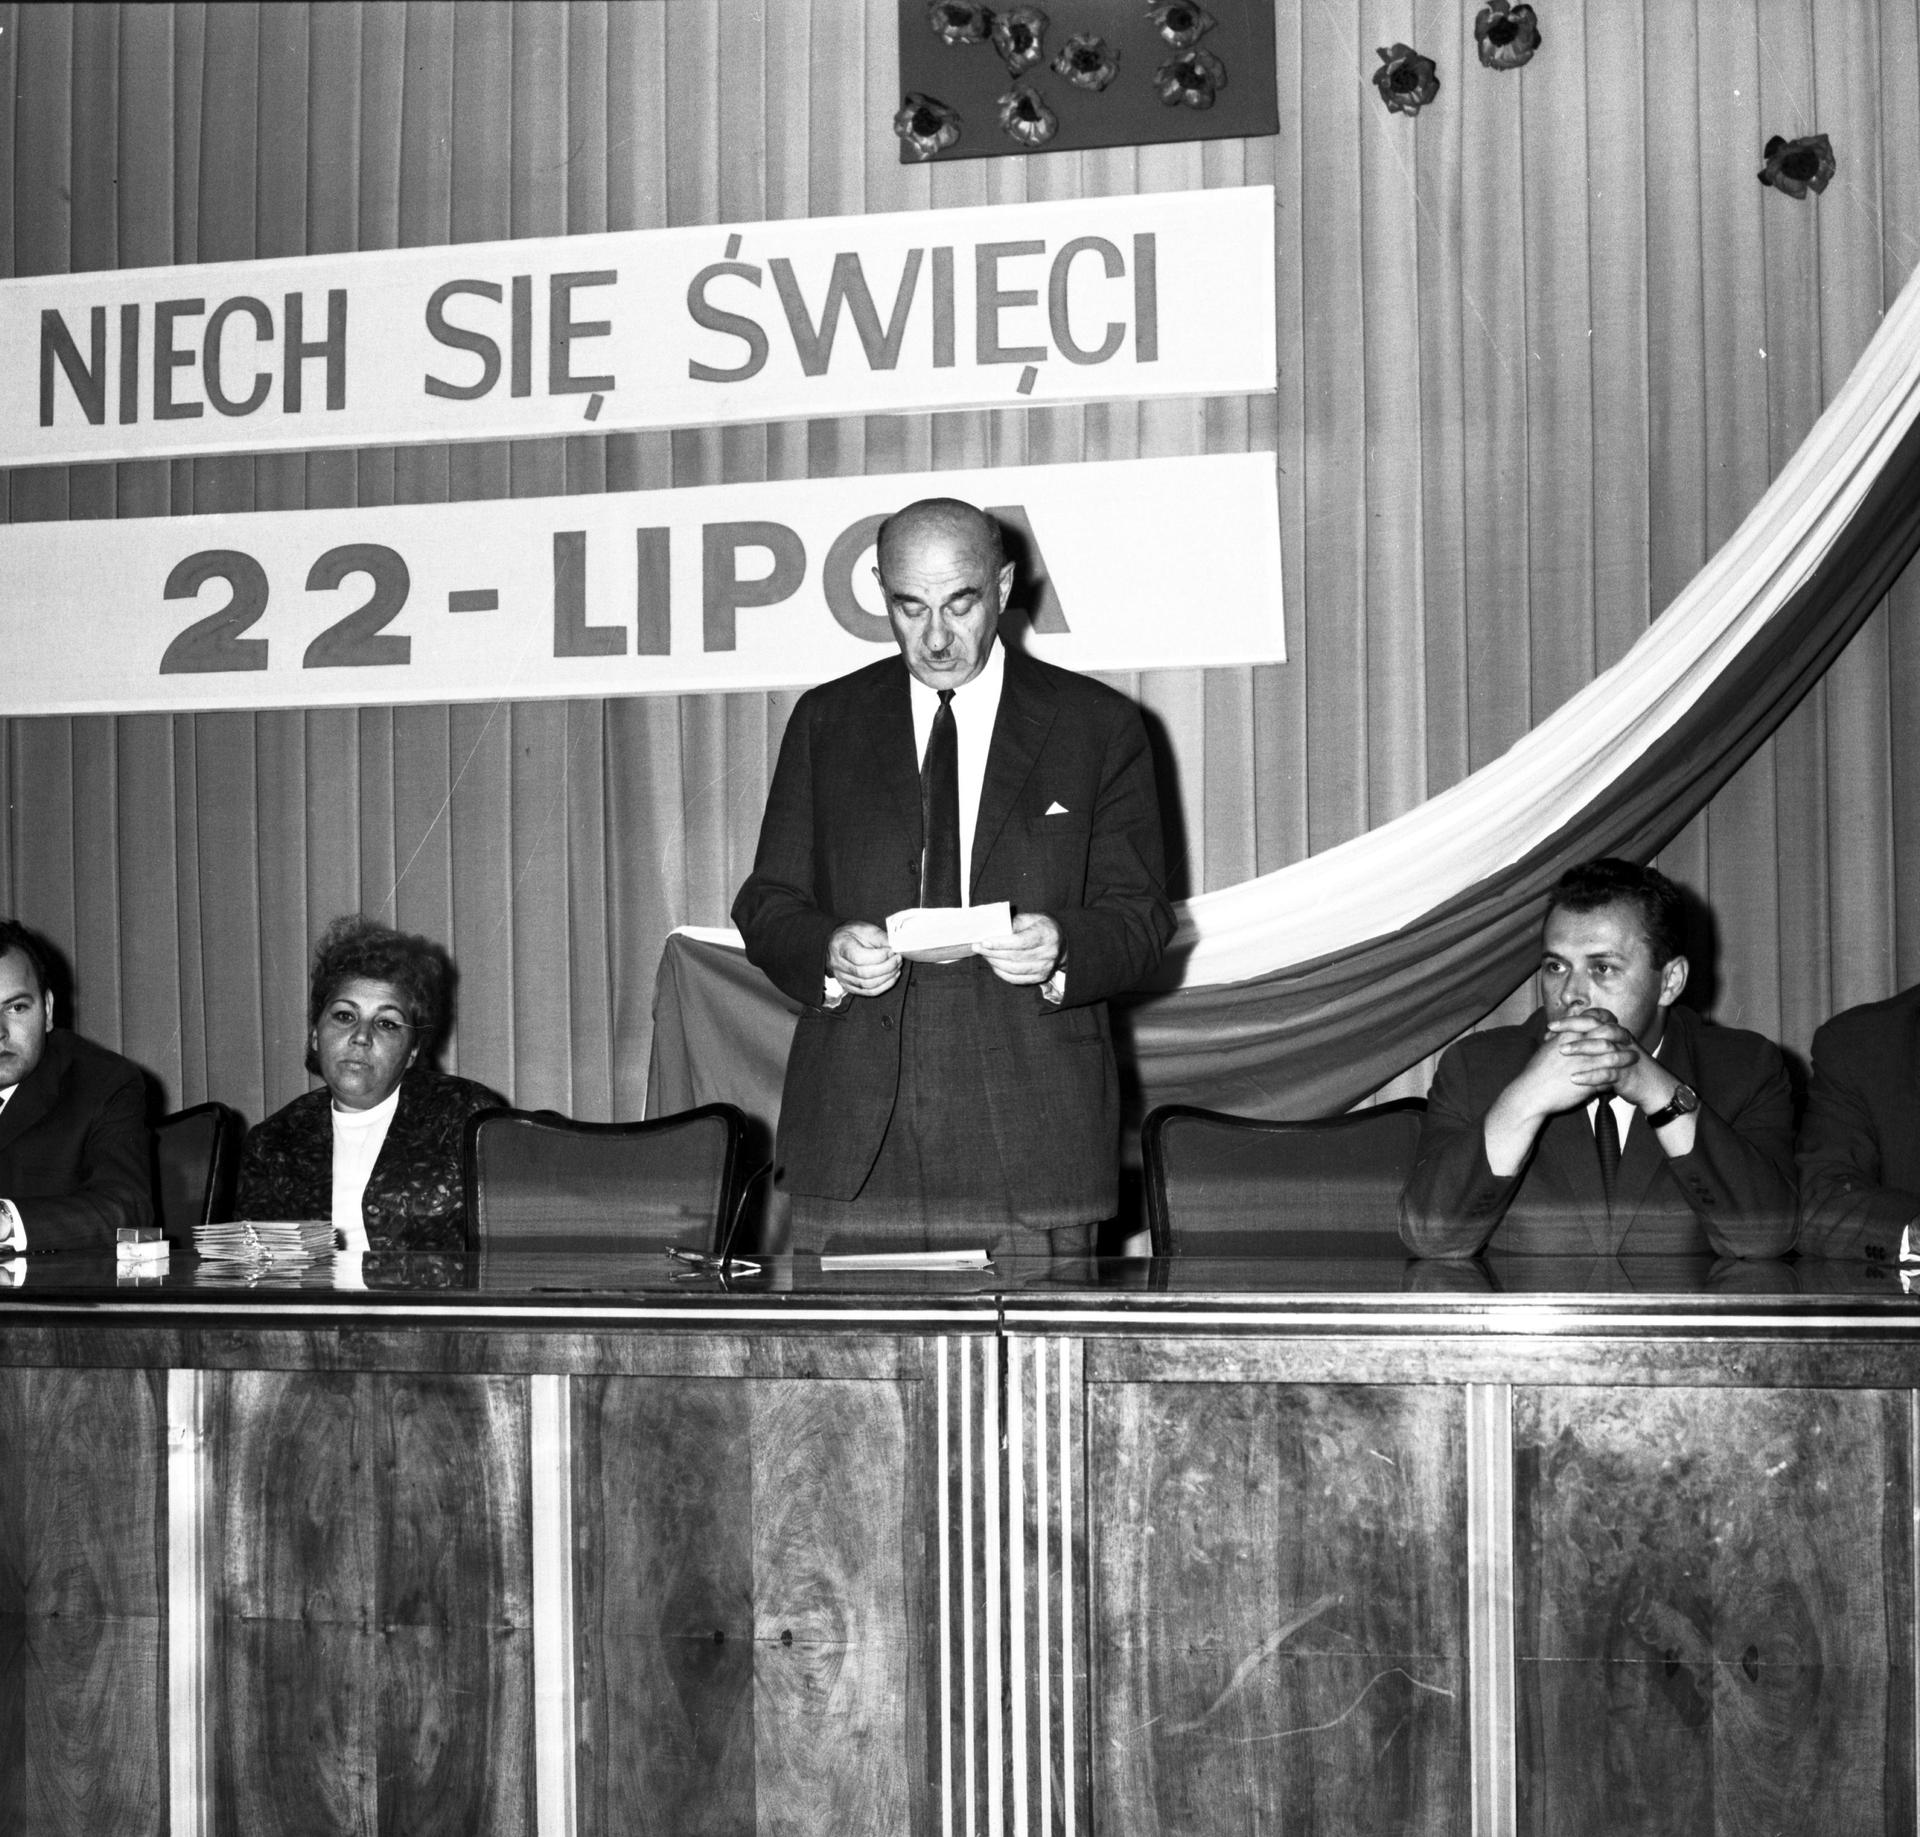 Najważniejsze święto Polski Ludowej zapomniane? Co upamiętniała data 22 lipca? [DUŻO ZDJĘĆ] - Łódź, Super Express